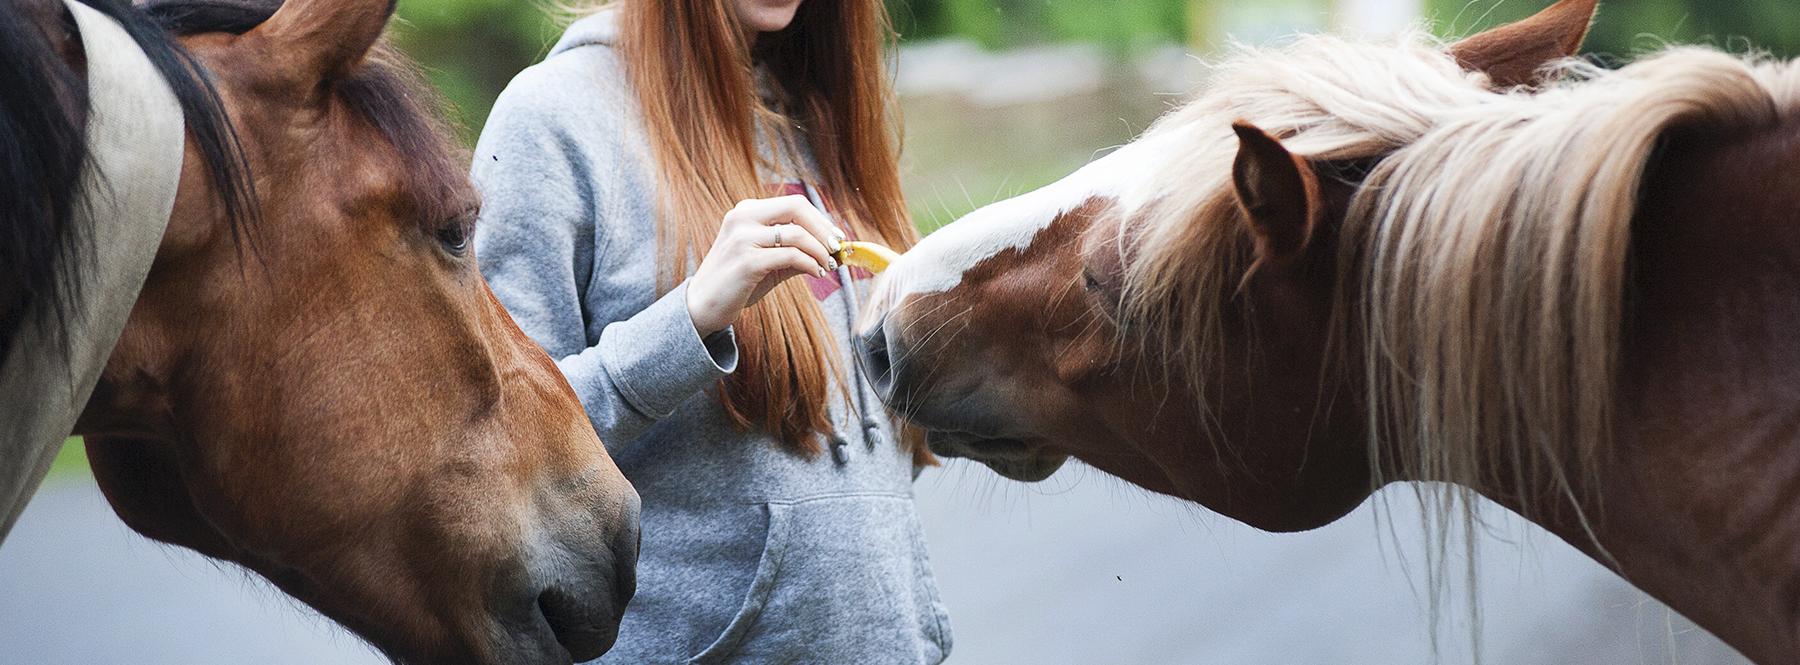 Inteligencia artificial y caballos